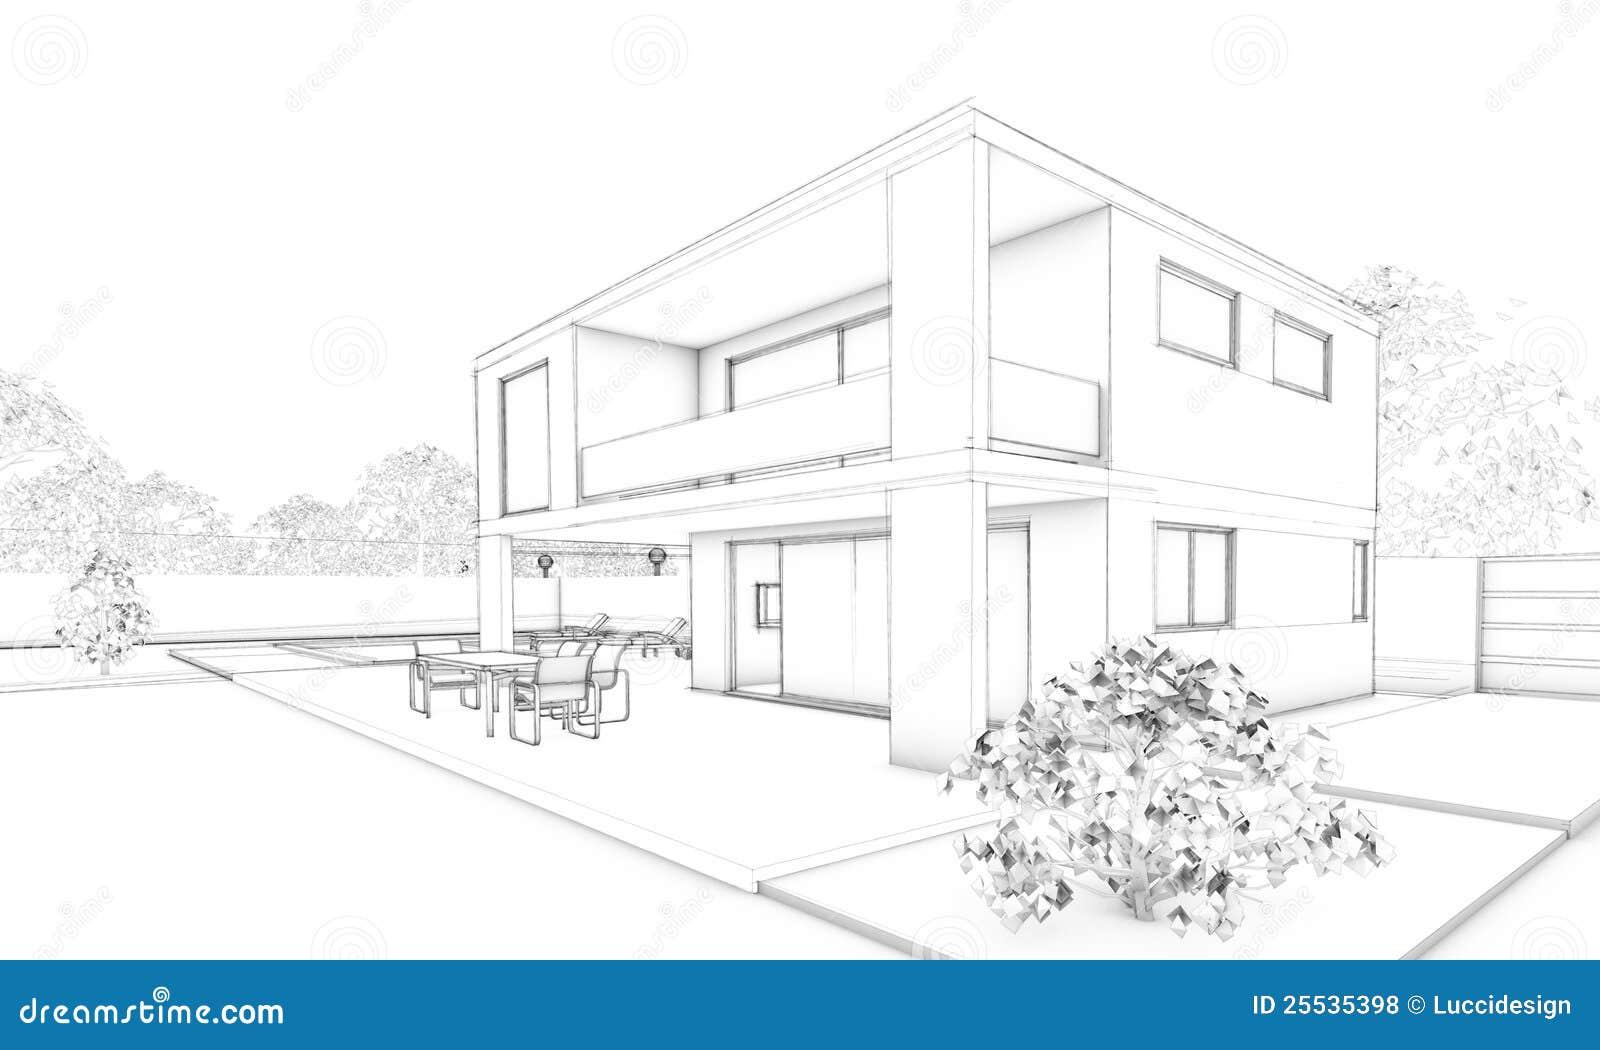 Croquis Pièces Maison : Croquis de maison moderne villa terrasse et jardin